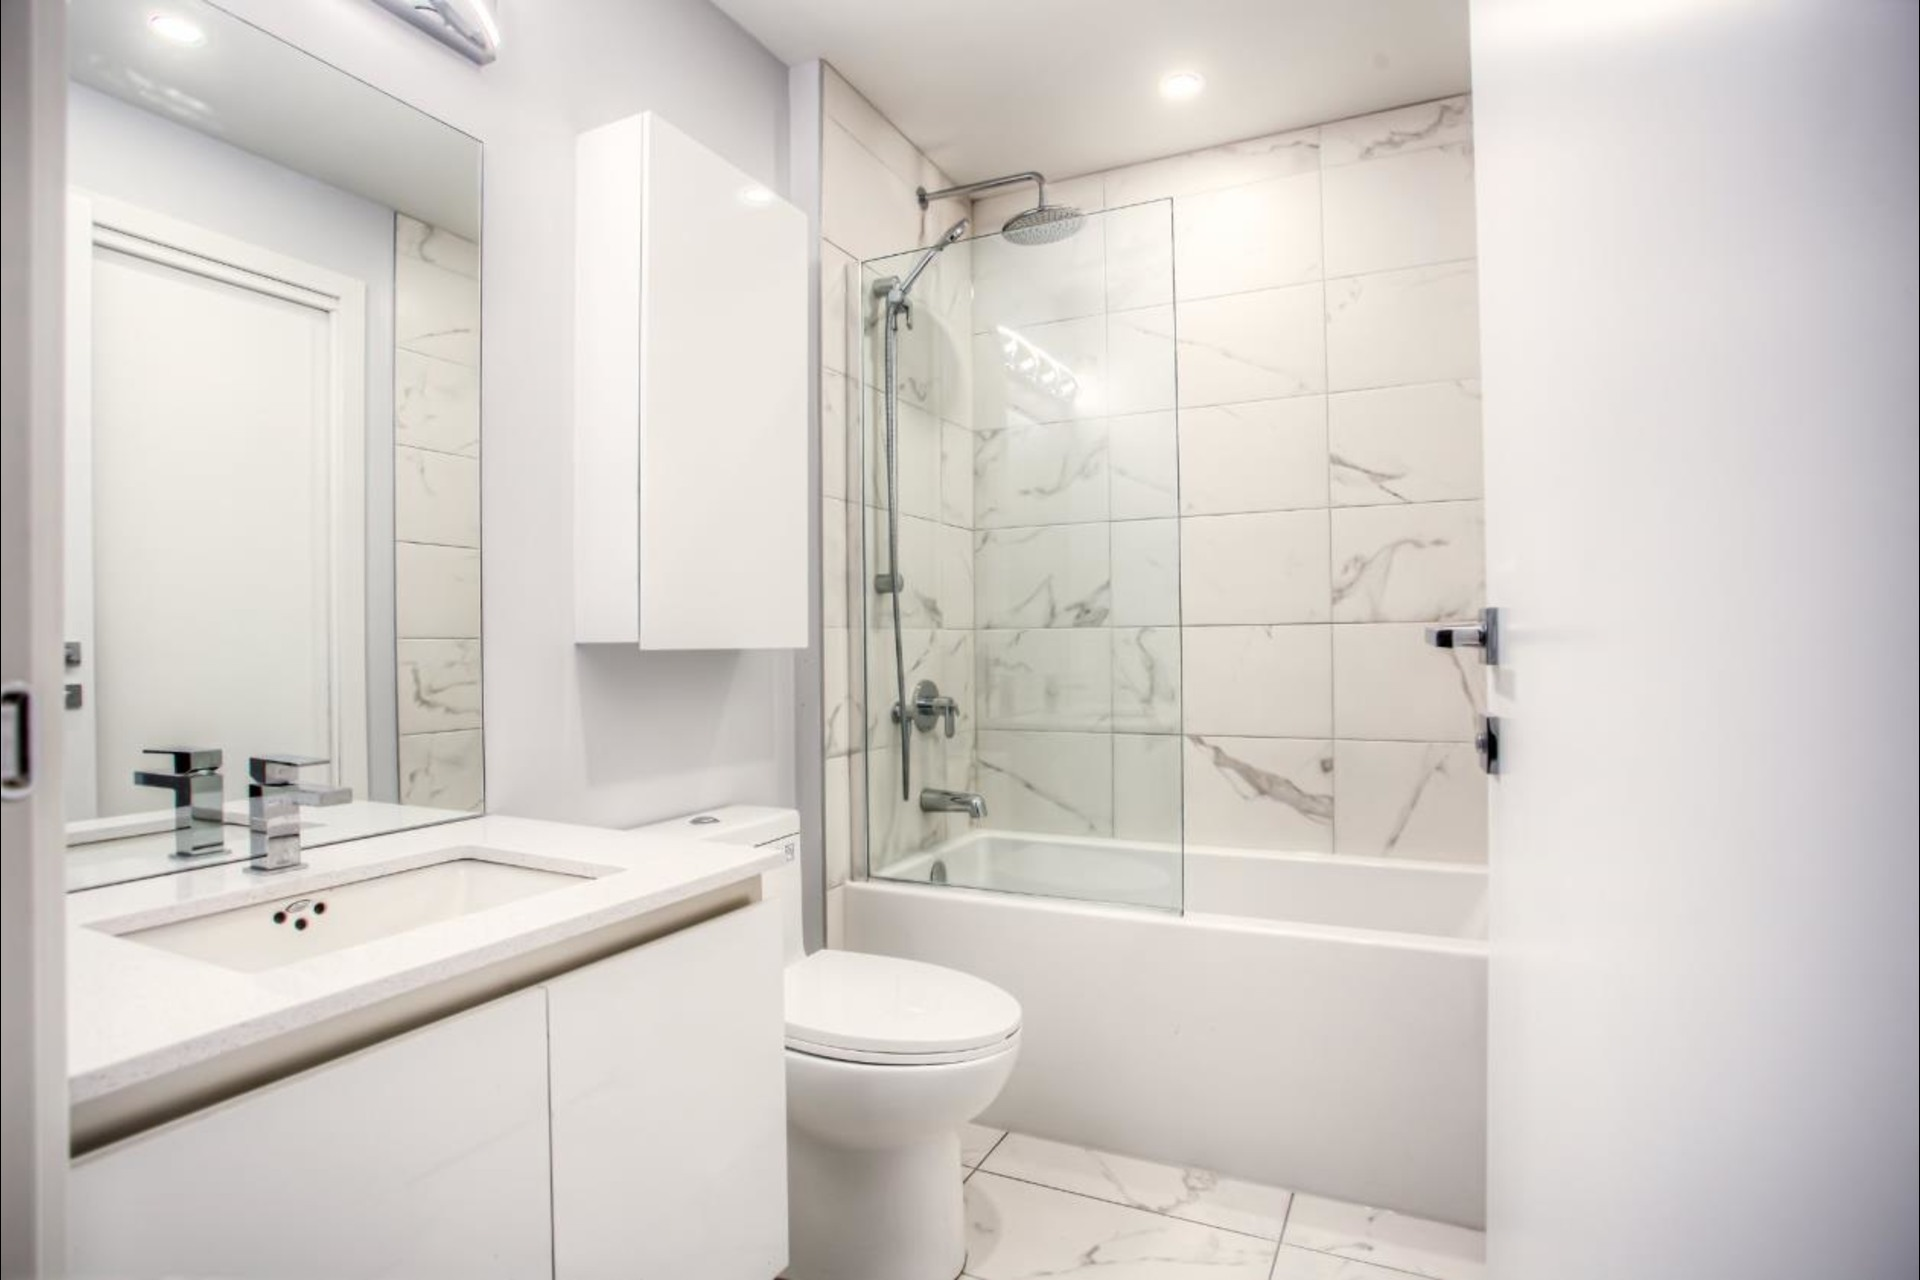 image 8 - Condo For rent Montréal - 6 rooms